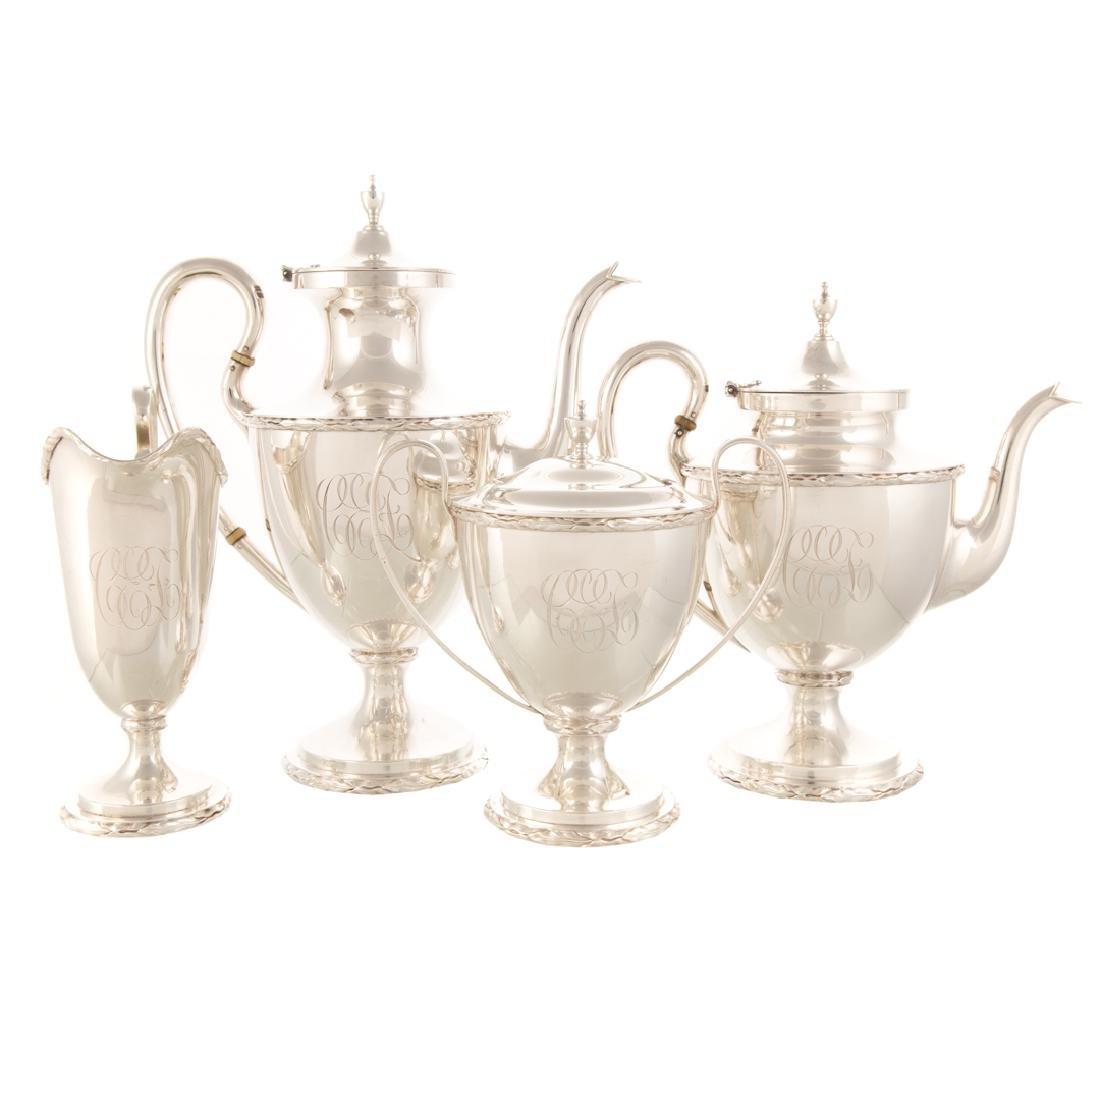 Kirk Neoclassical style sterling coffee & tea set